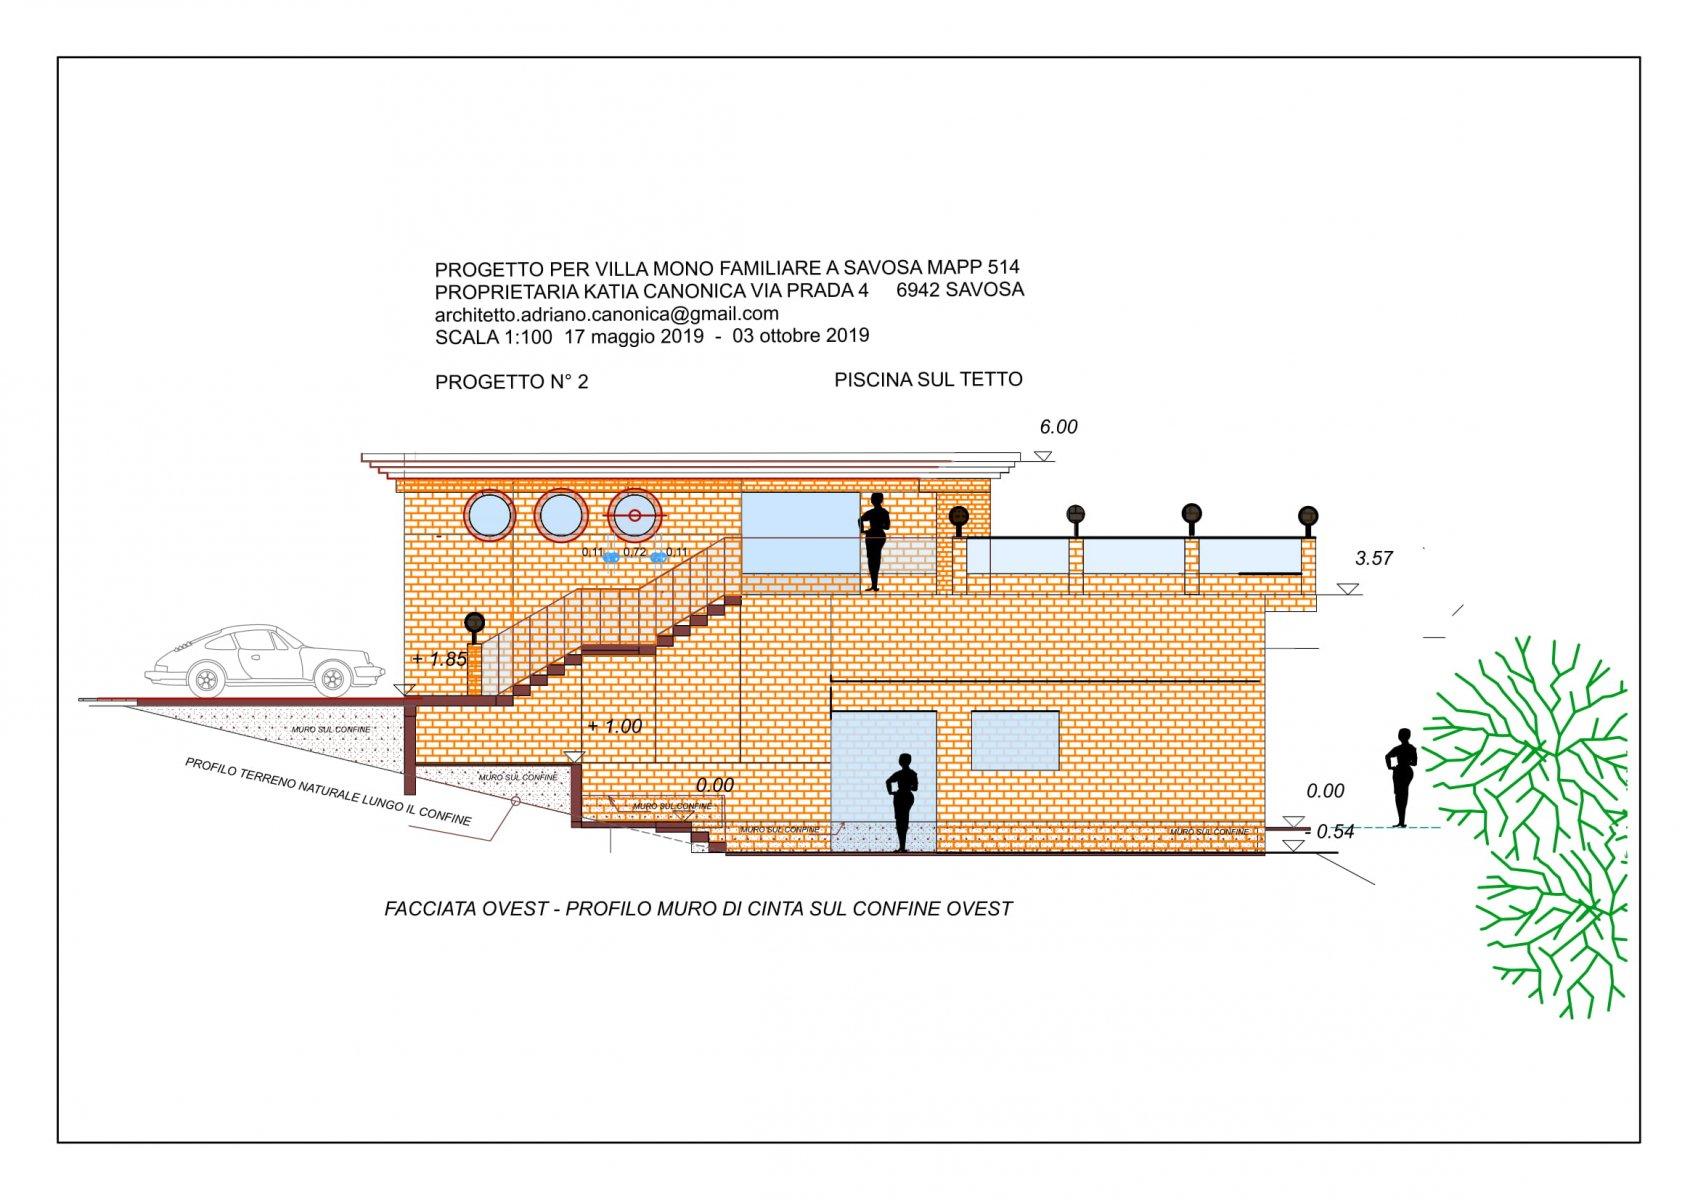 piscina-sul-tetto-facciata-ovest-1-100-1